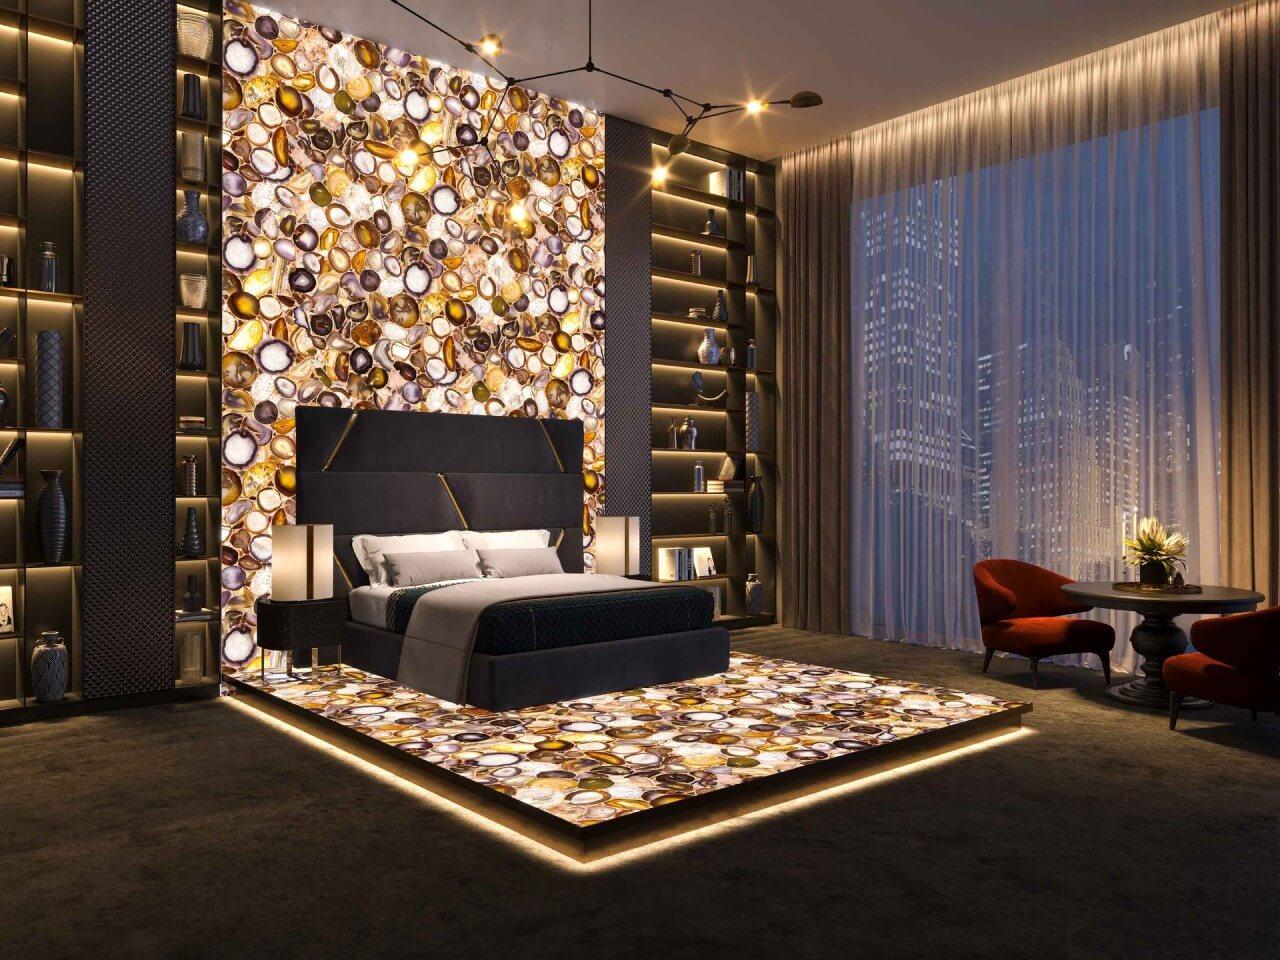 sypialnia złóżkiem stojącym na kamiennej, podświetlonej ścianie ipodłodze